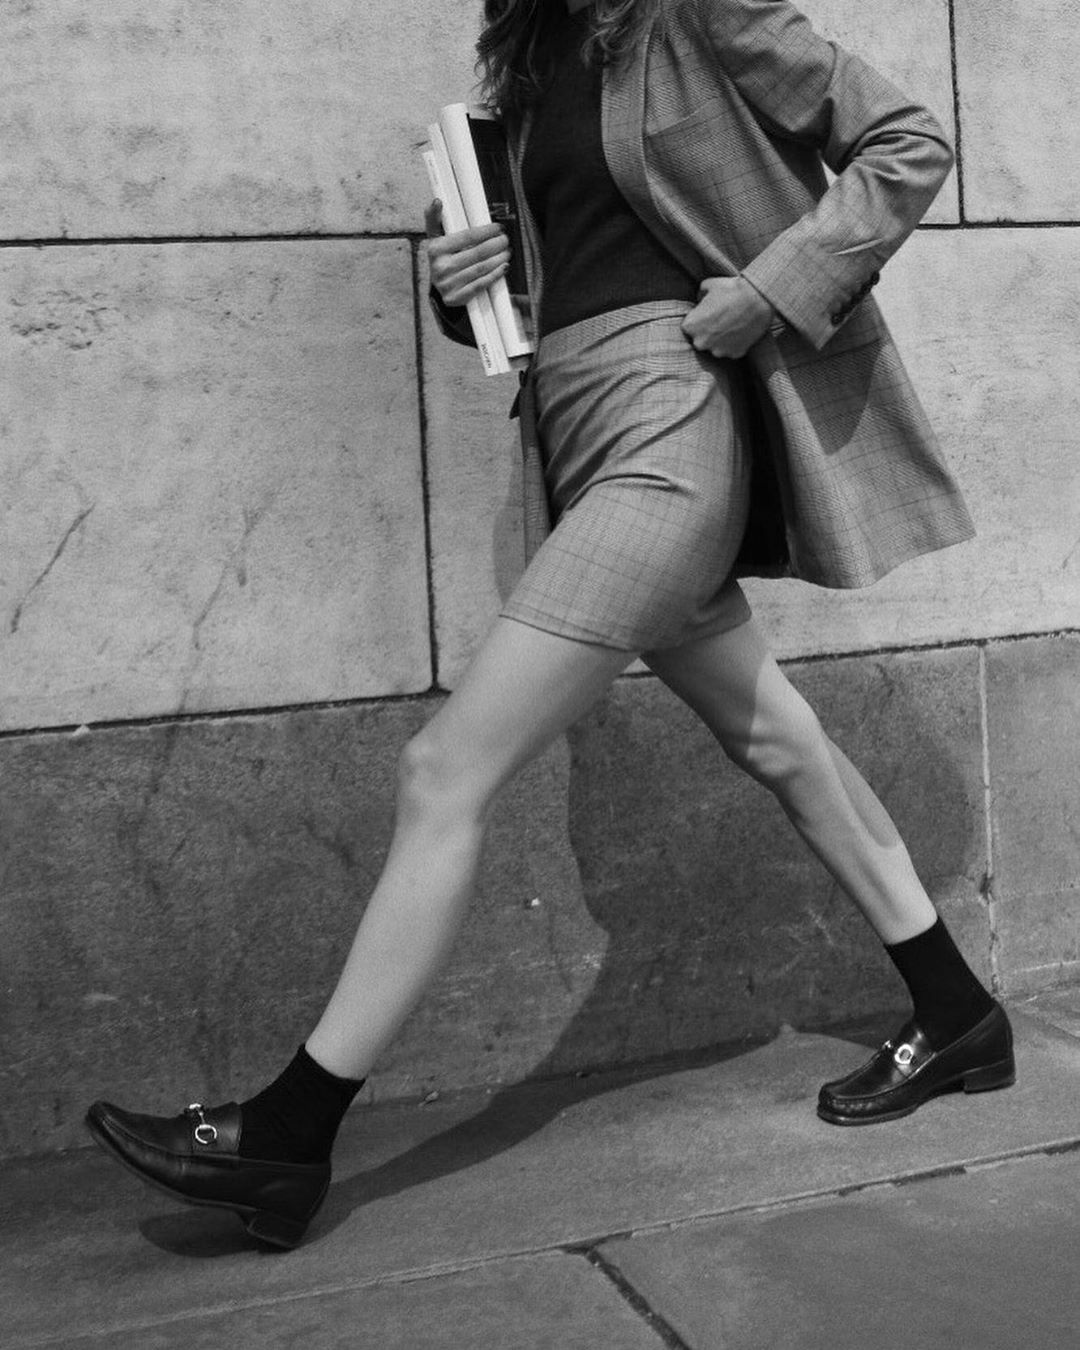 今夏不容错过的穿搭首选:西装+短裤超A组合,让你舒适又时髦有型